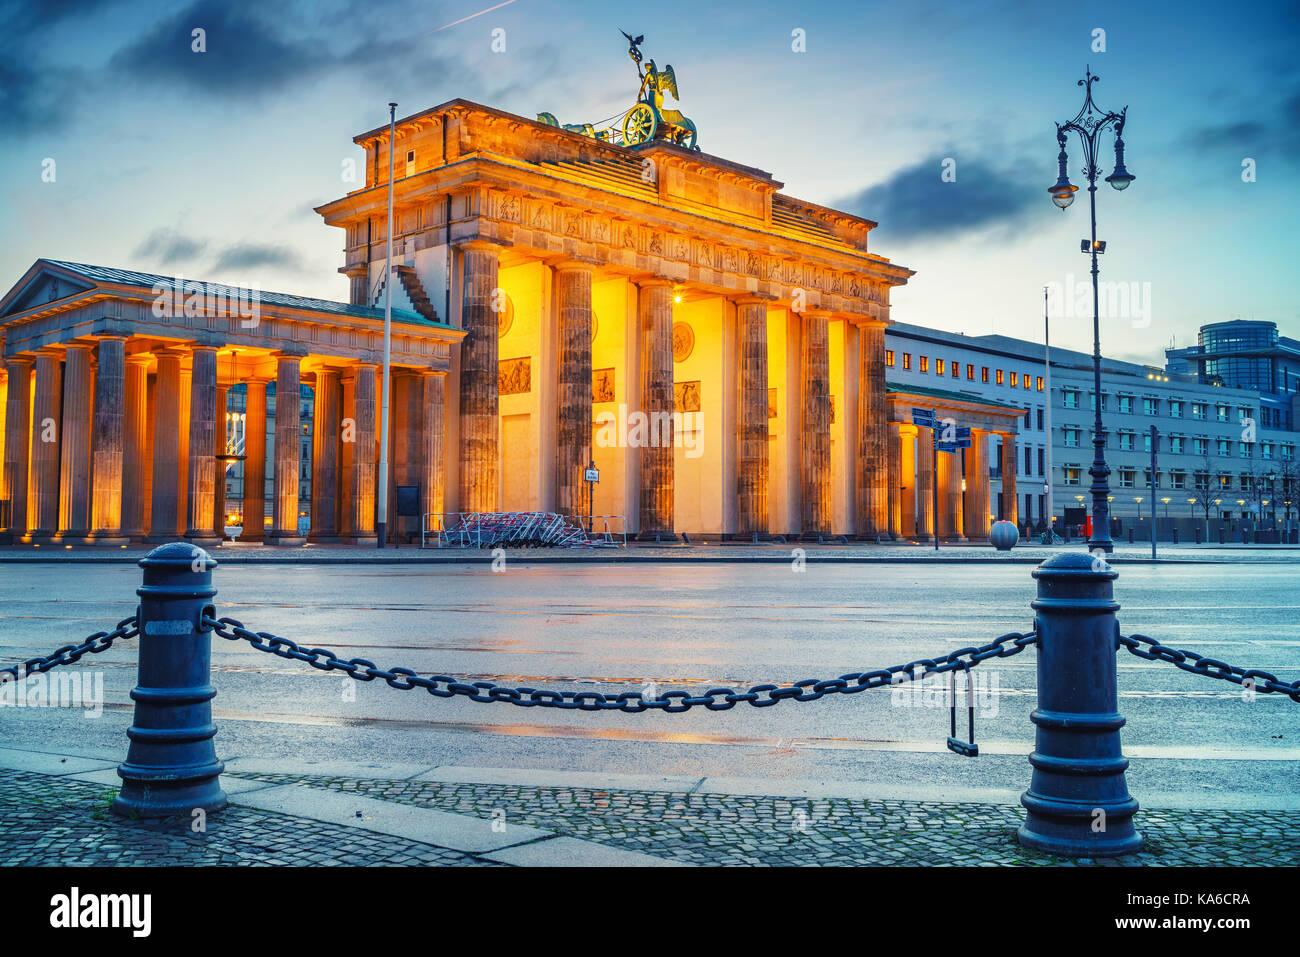 Puerta de Brandenburgo al atardecer Imagen De Stock